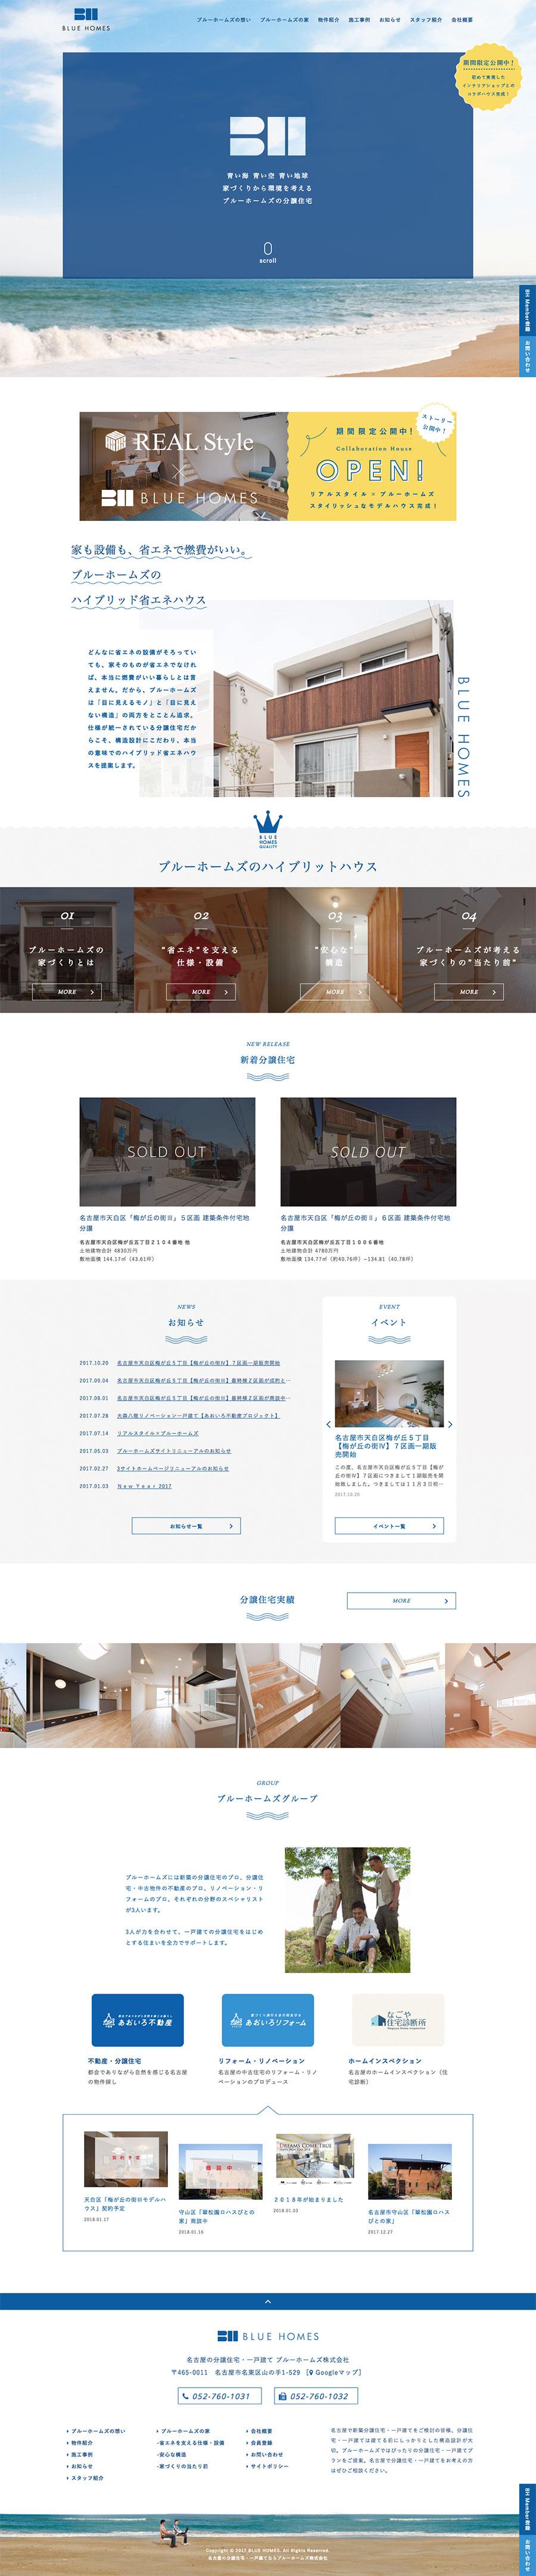 分譲住宅のホームページデザイン